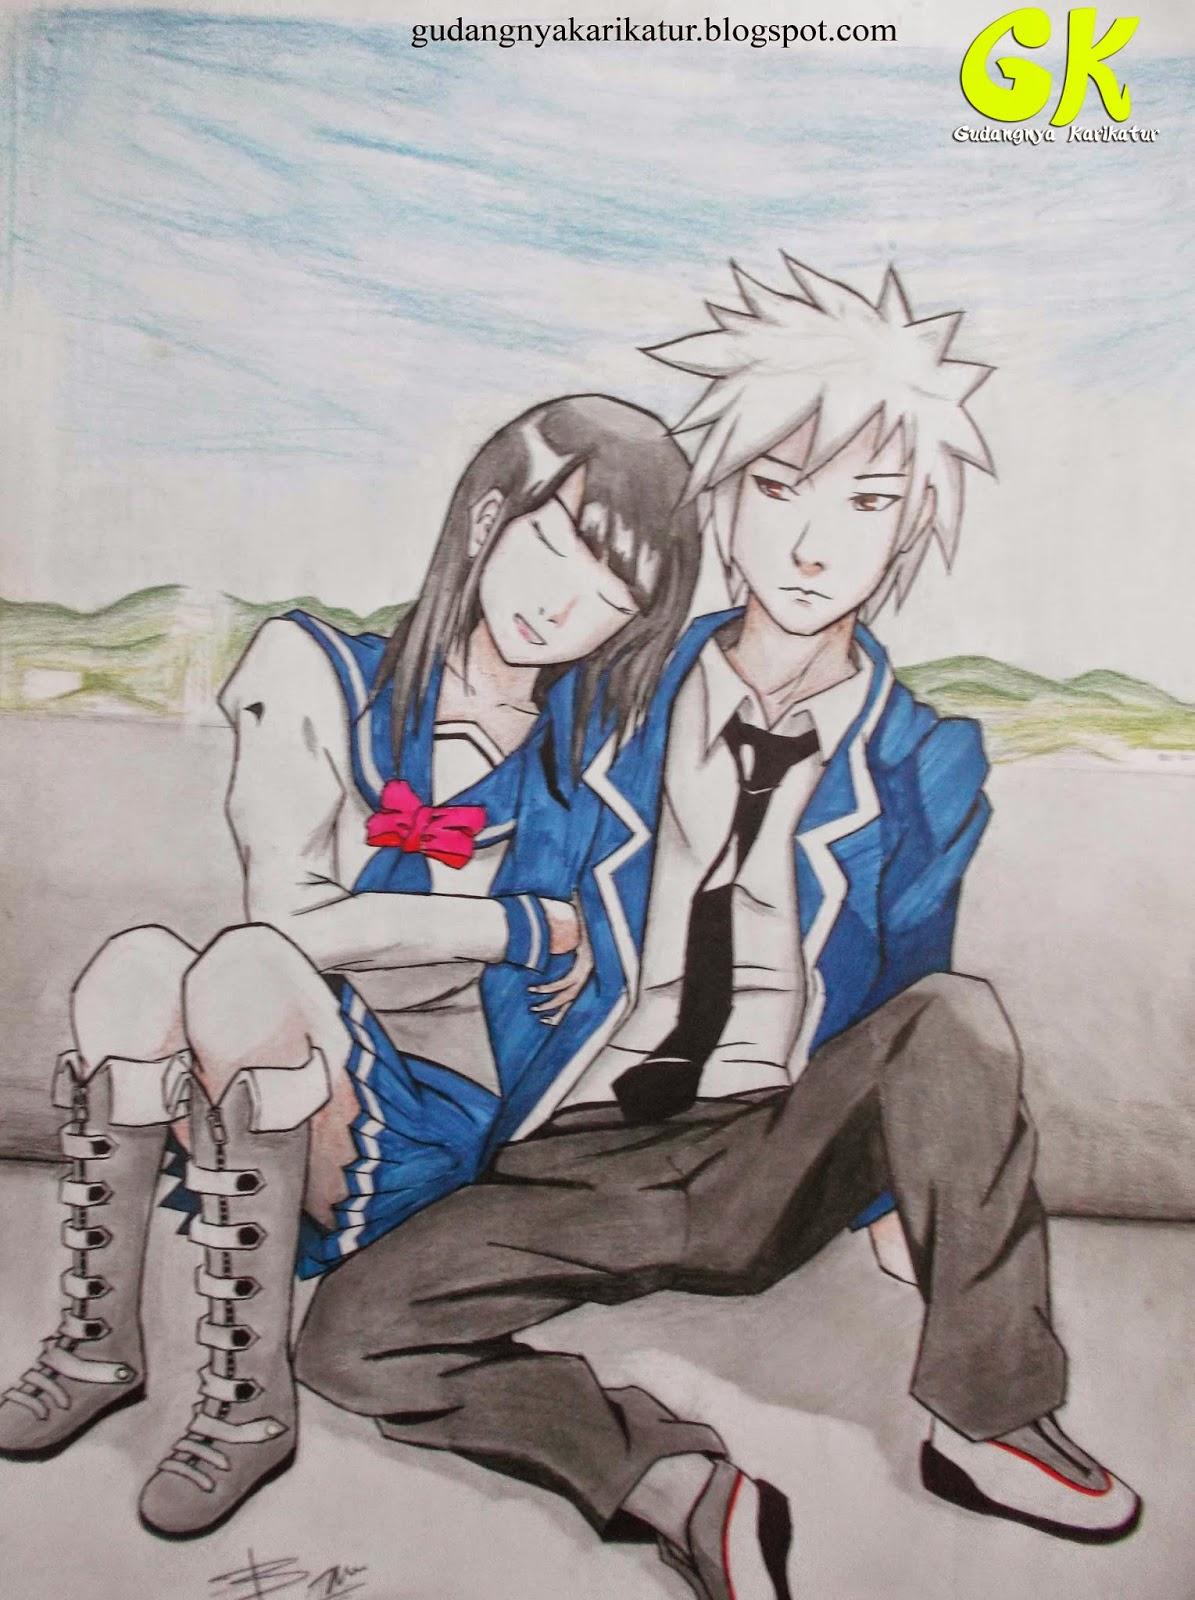 Gudang gambar lukisan kartun anime